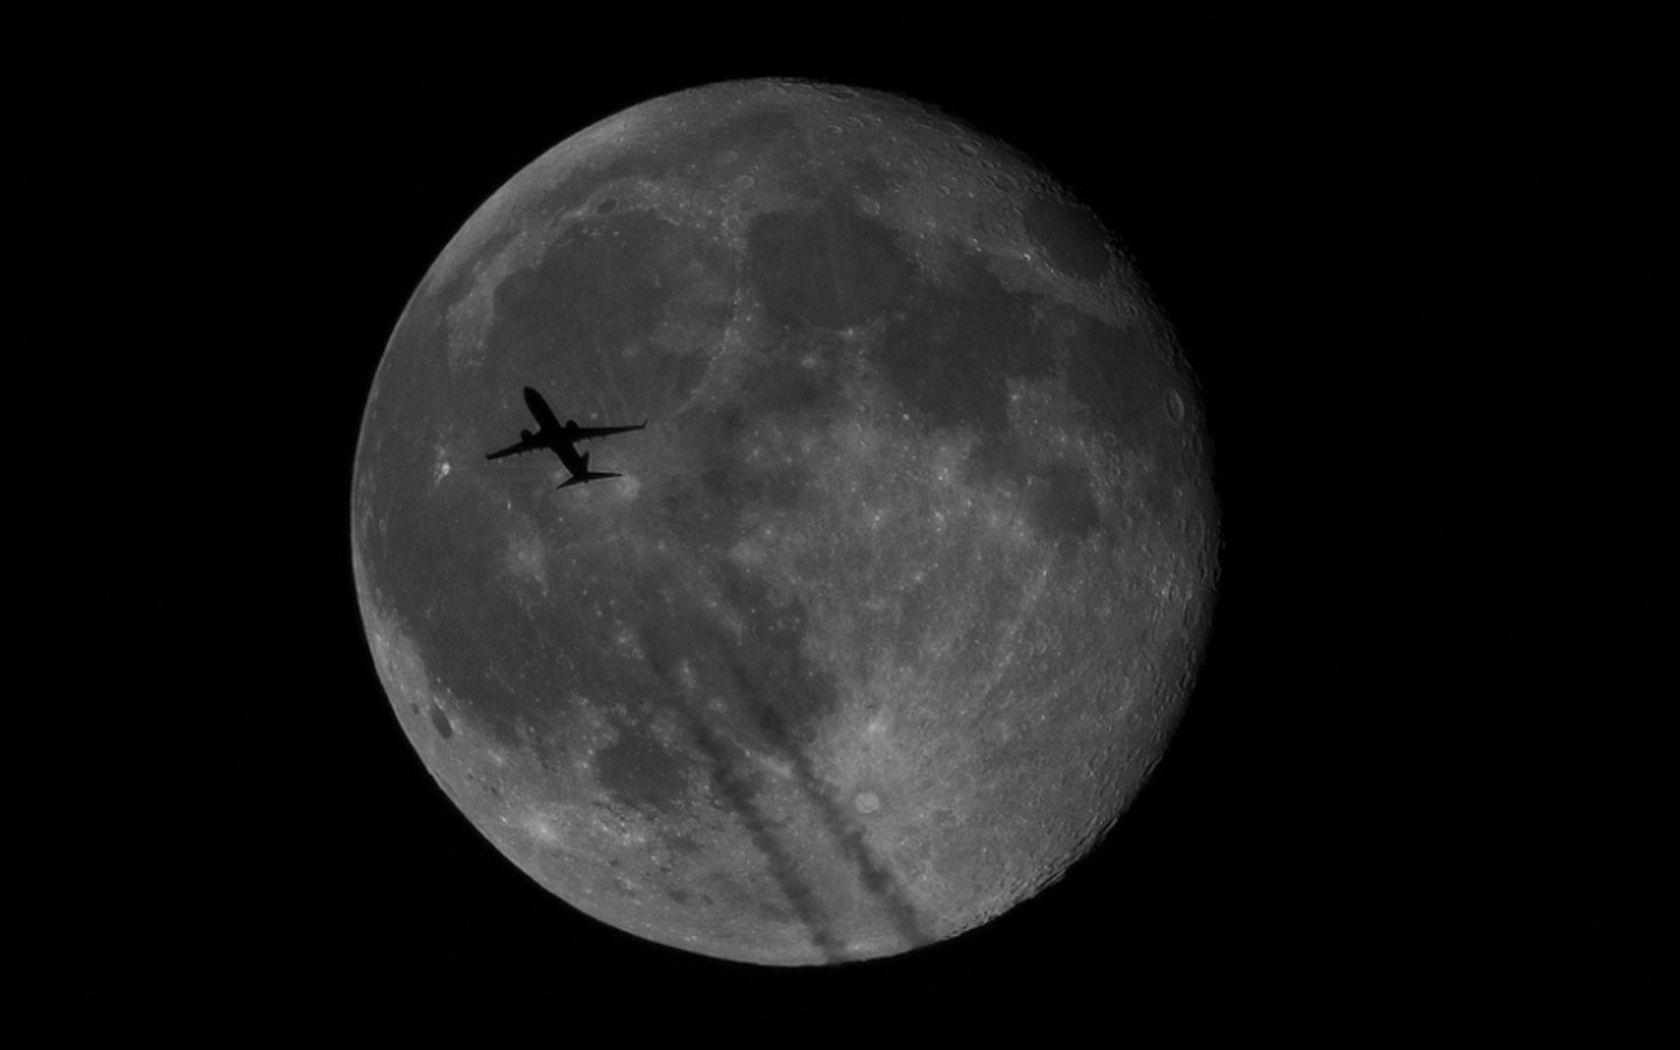 airplane-moon-silhouette-1900.jpg 1.680×1.050 pixels